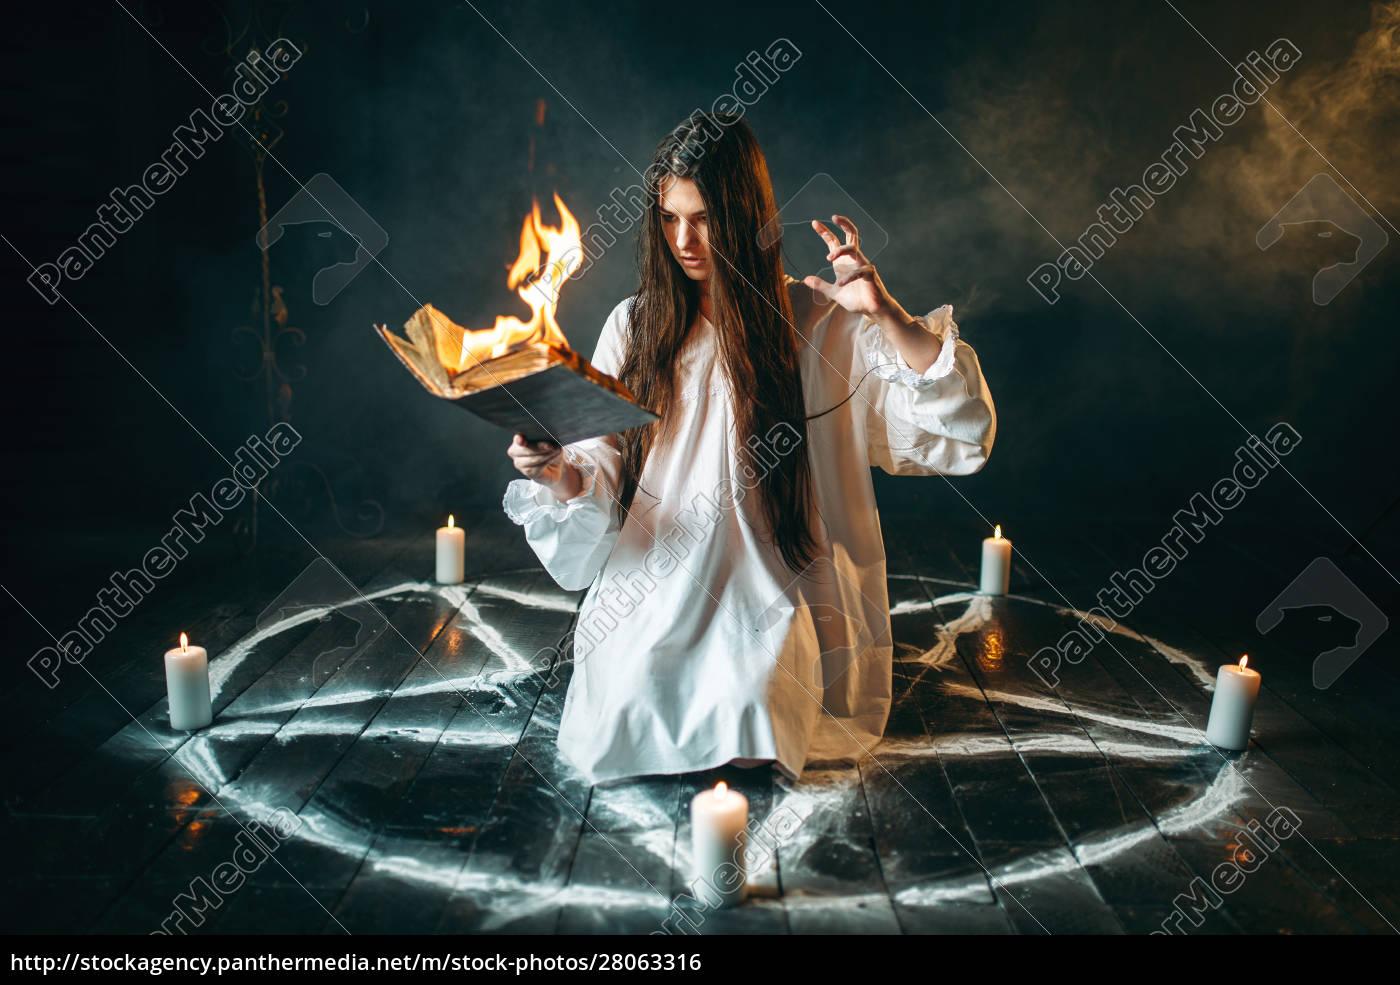 woman, sitting, in, burning, pentagram, circle, - 28063316